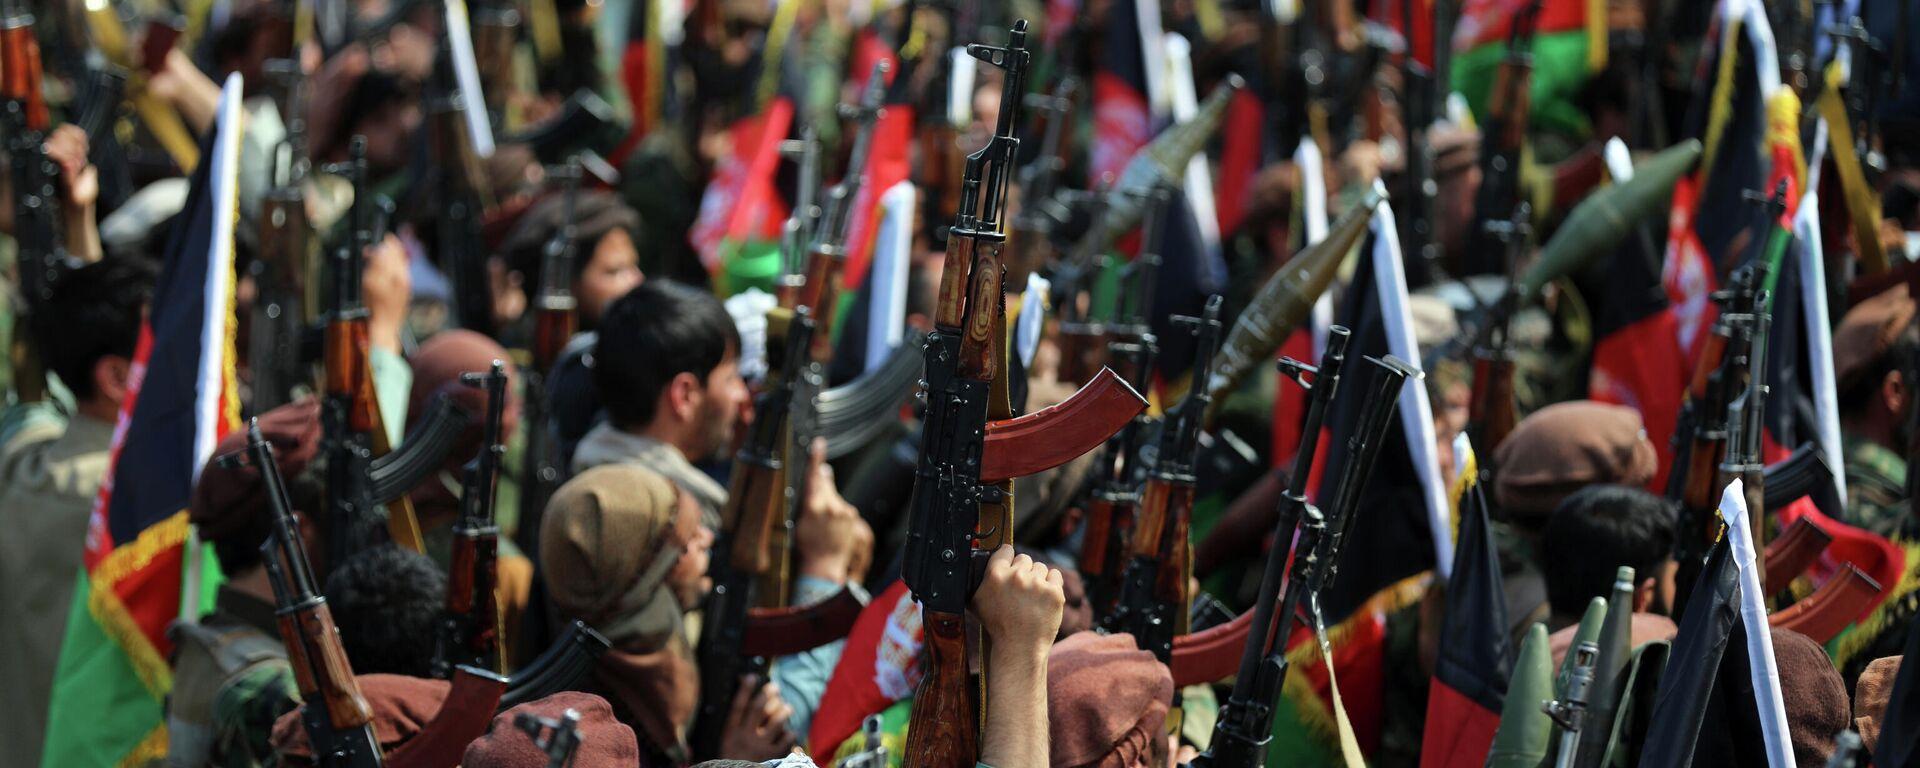 Афганские ополченцы в Кабуле, 23 июня 2021 года - Sputnik Узбекистан, 1920, 06.07.2021